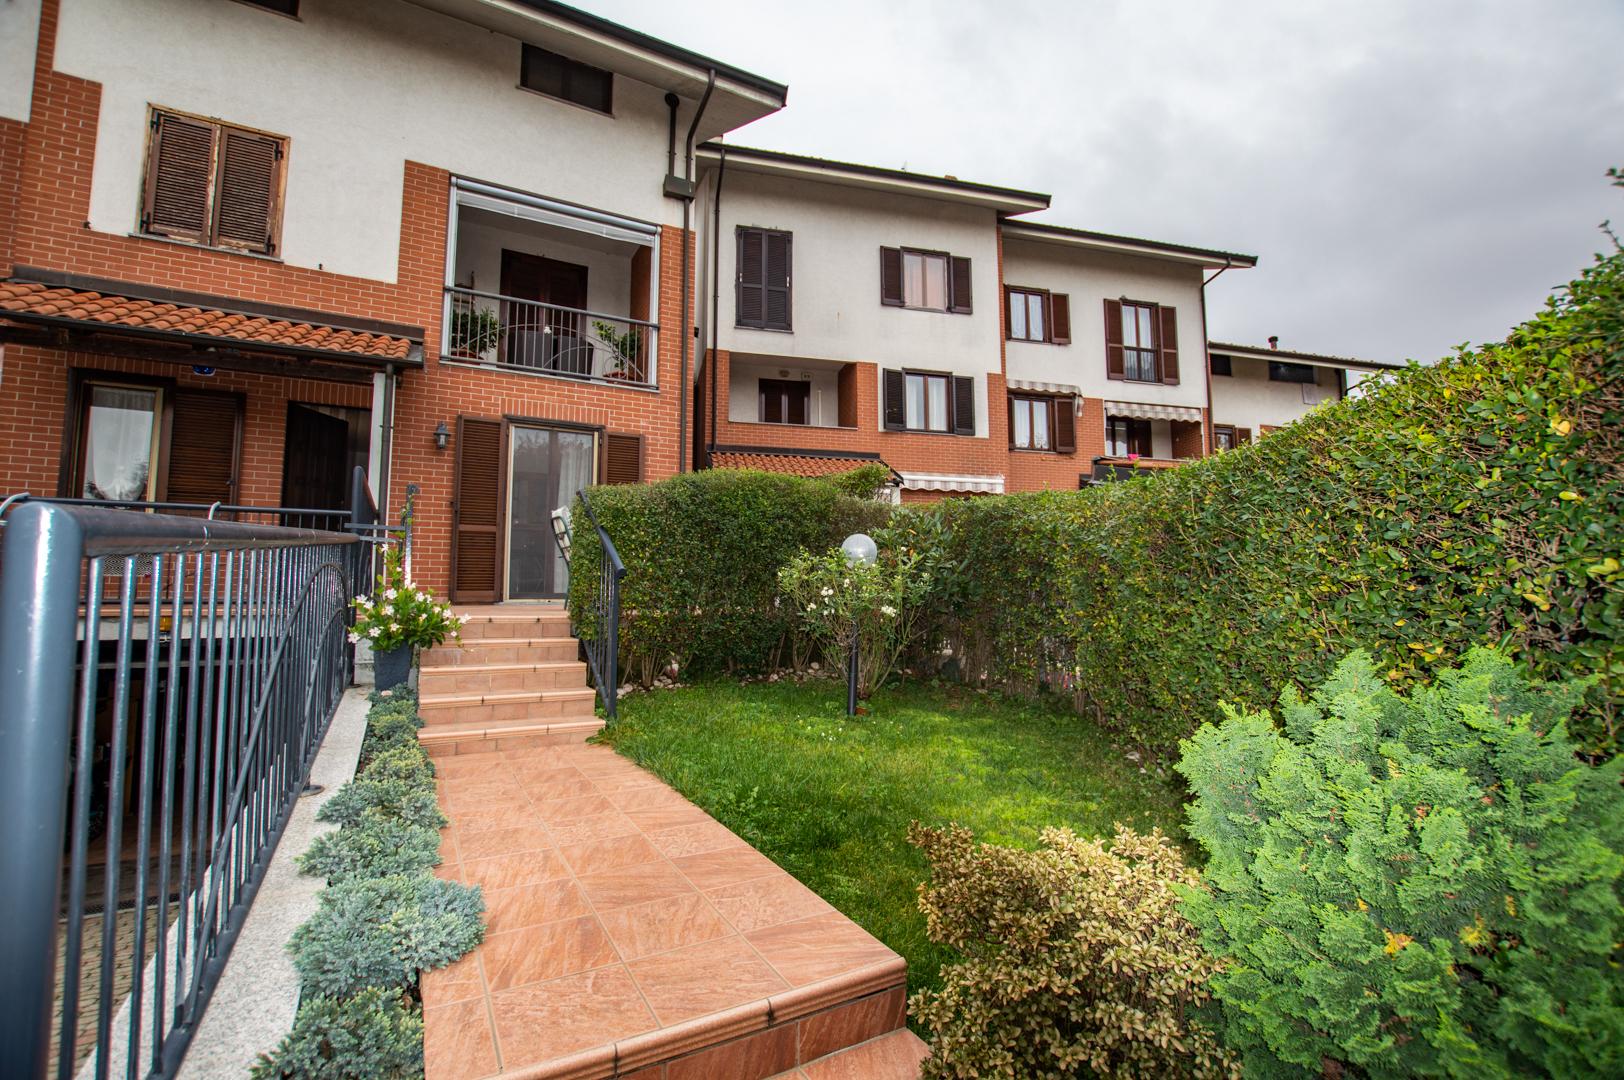 Appartamento in vendita a Piobesi Torinese, 4 locali, prezzo € 169.000 | PortaleAgenzieImmobiliari.it